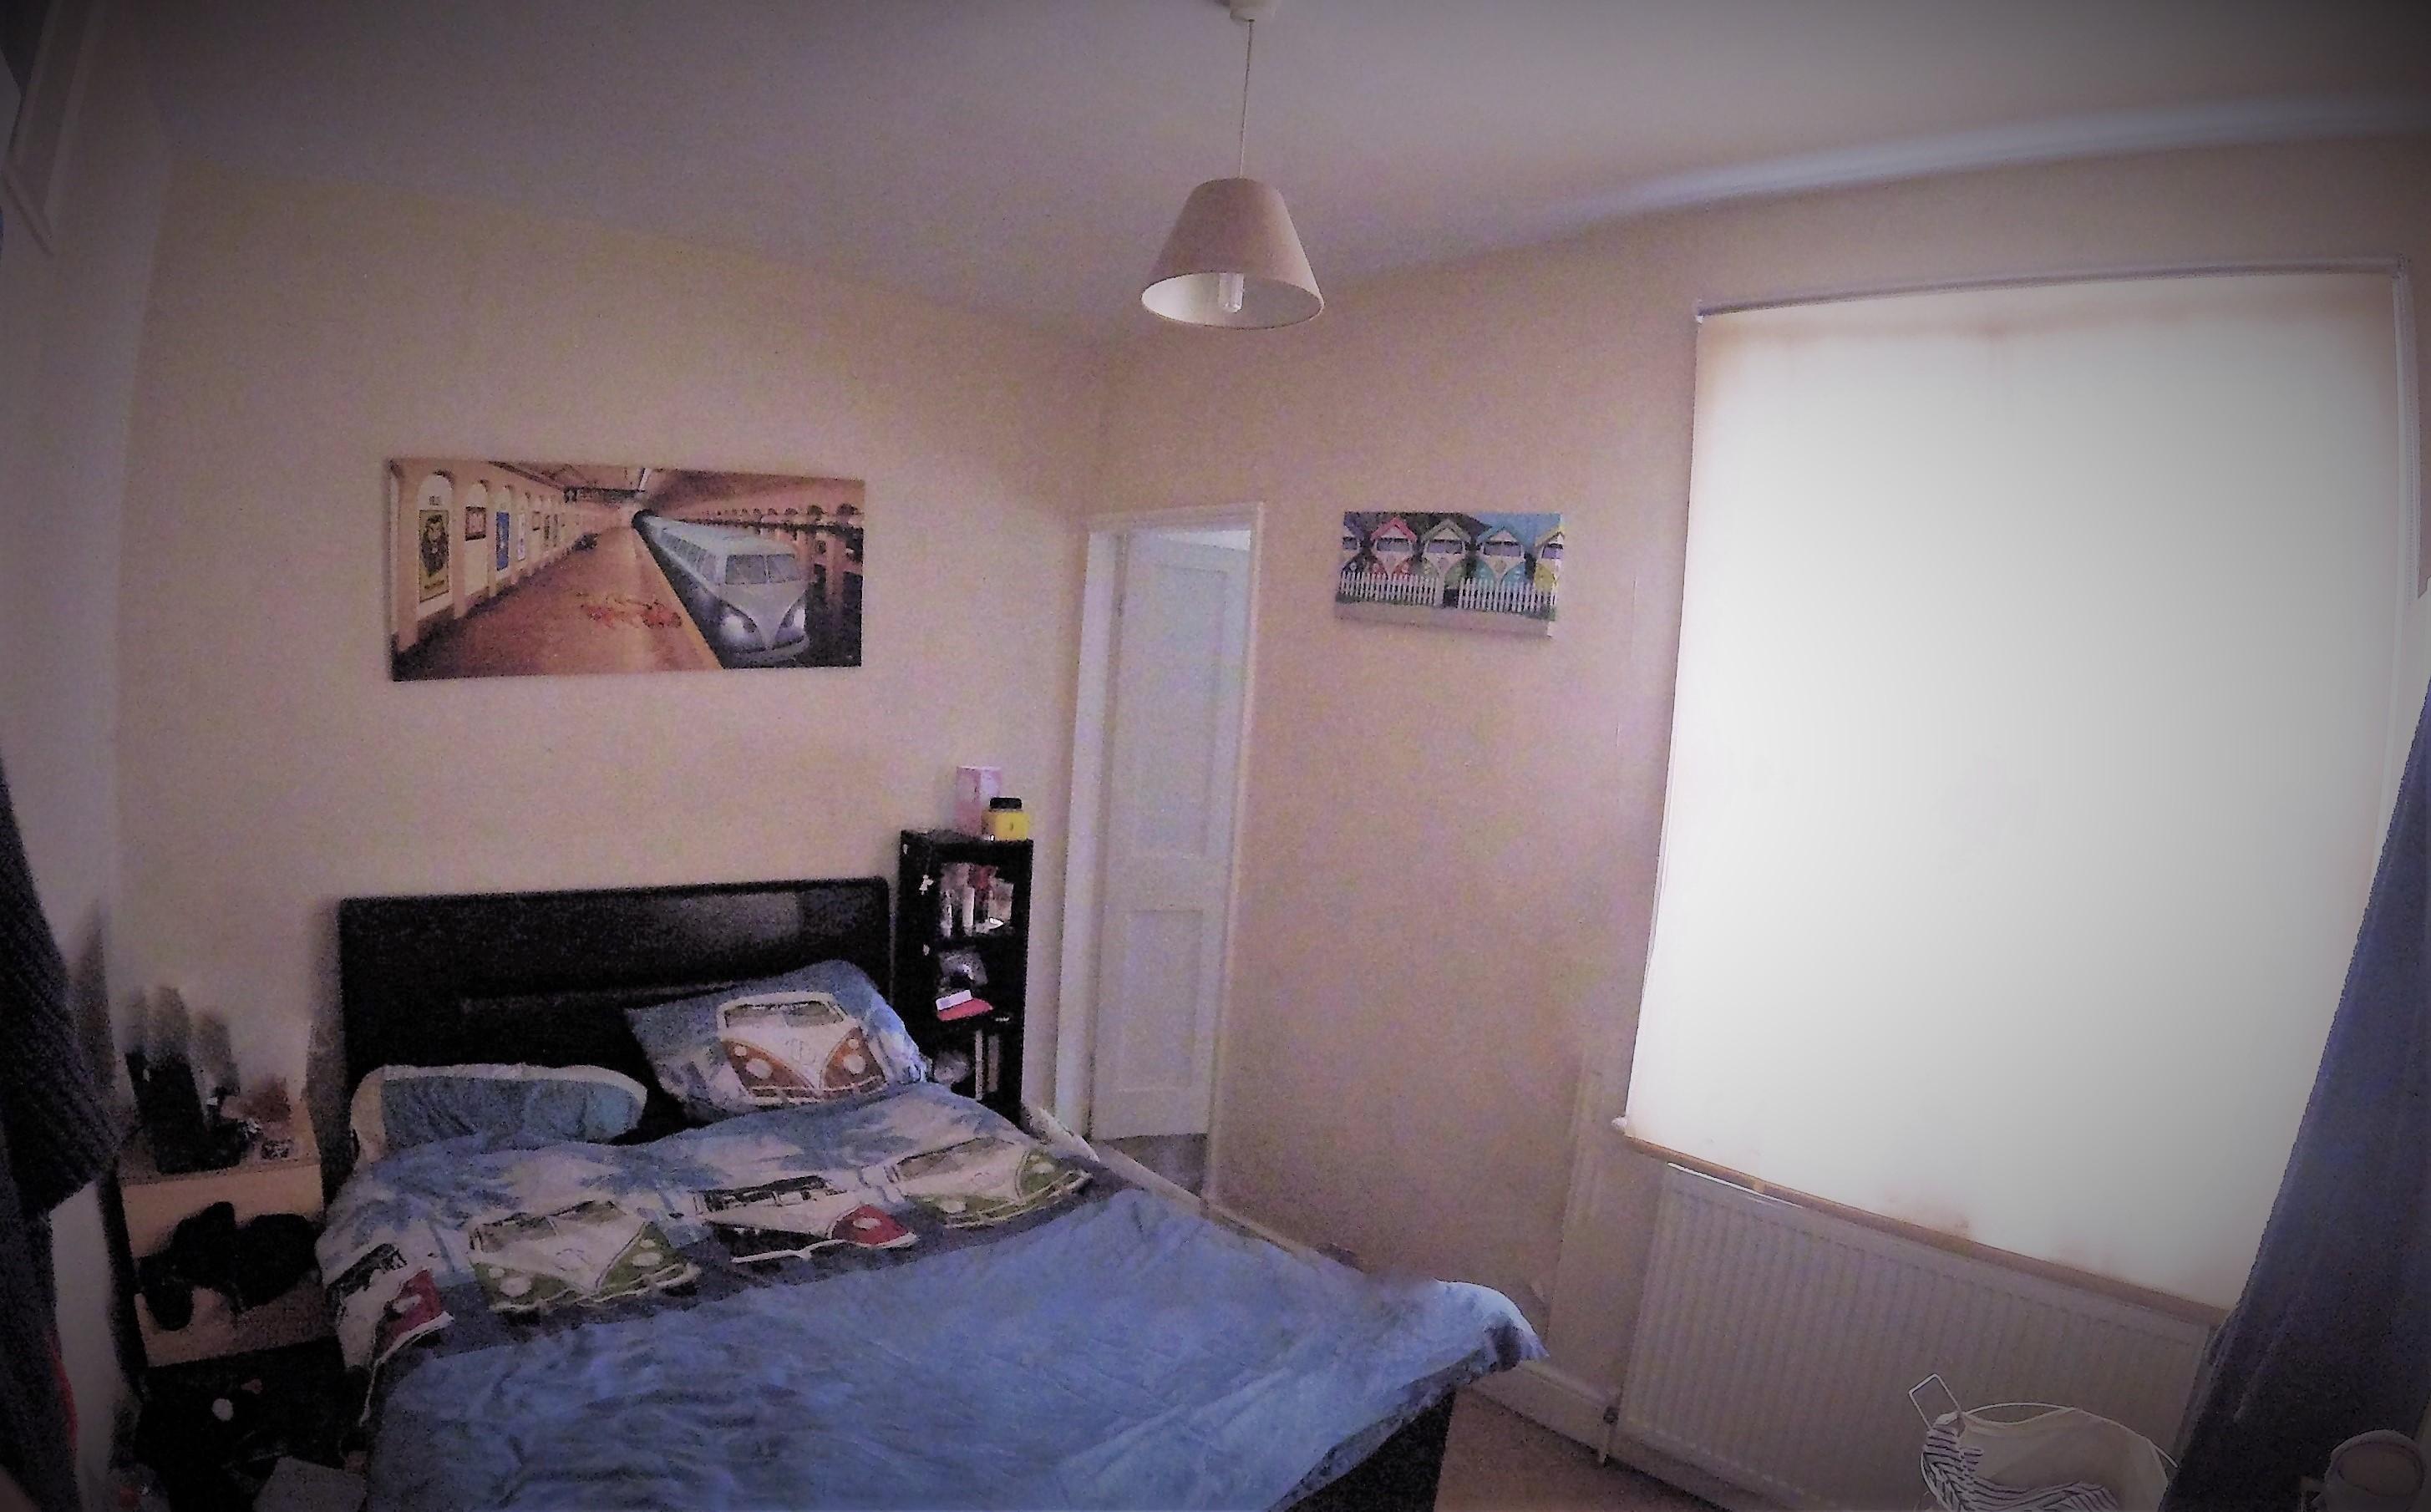 Room For Rent In Desborough